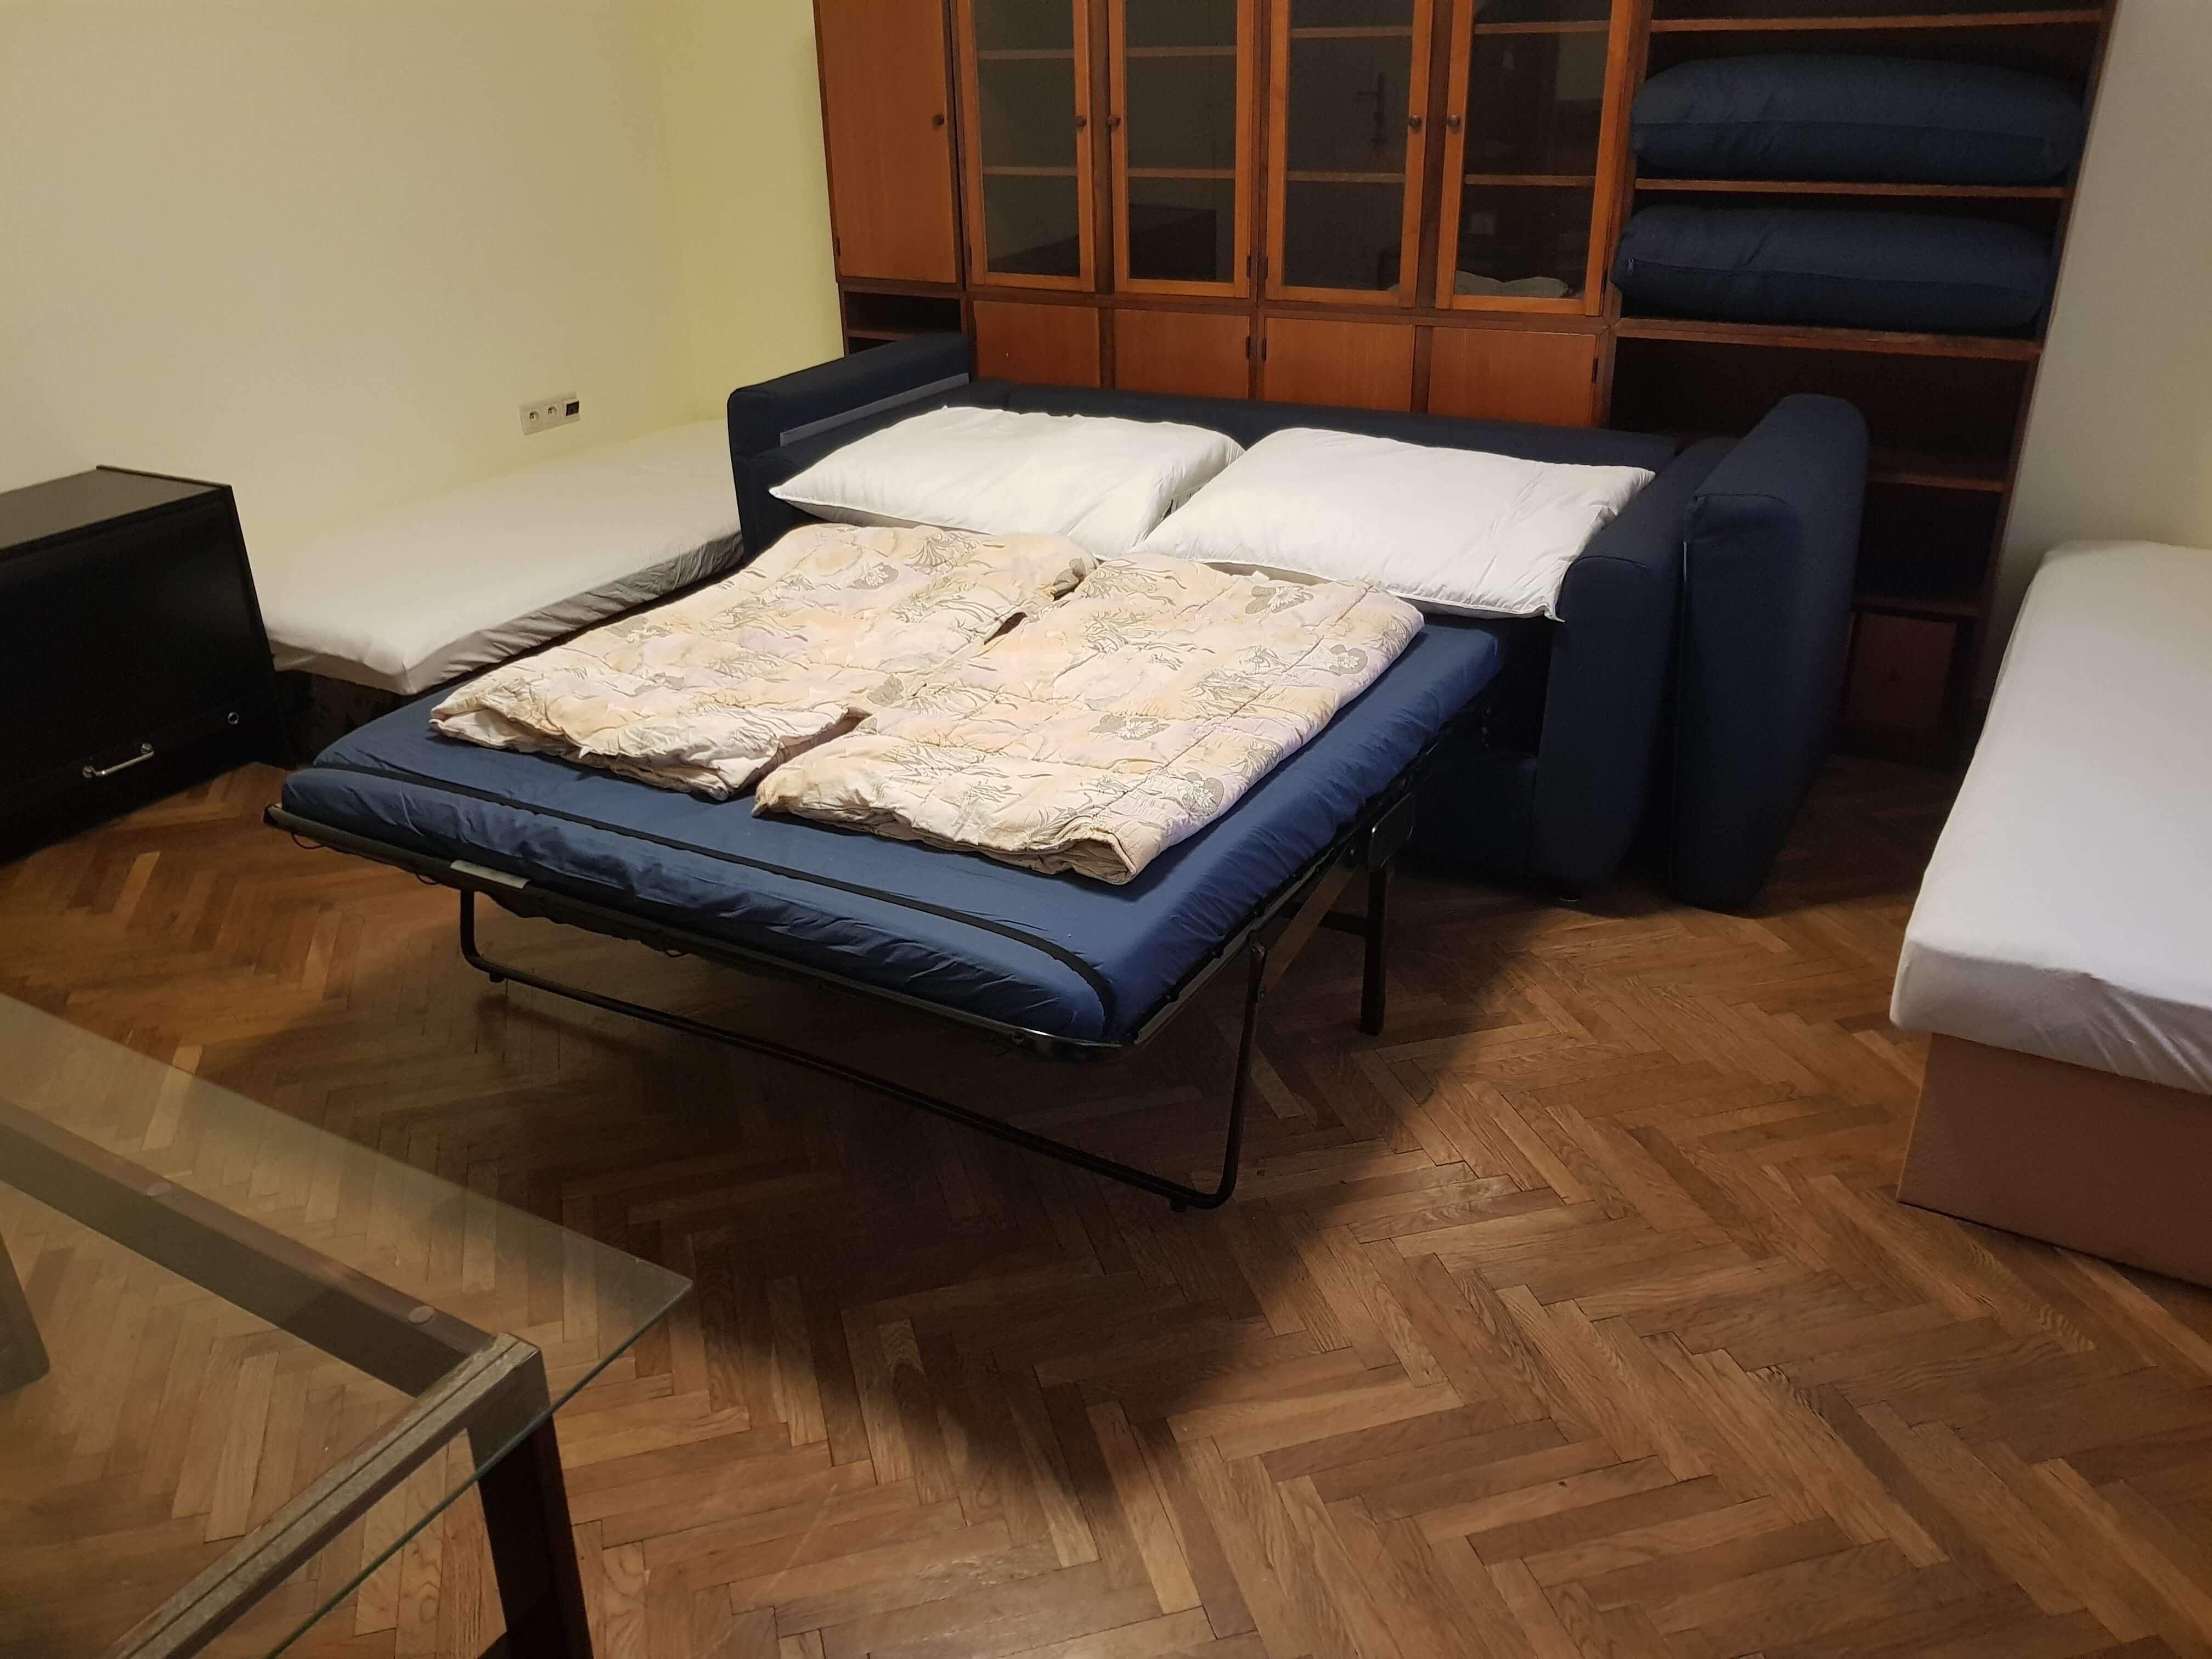 Predaj exkluzívneho 2 izb. bytu, staré mesto, Šancová ulica, Bratislava, 75m2, kompletne zariadený-31